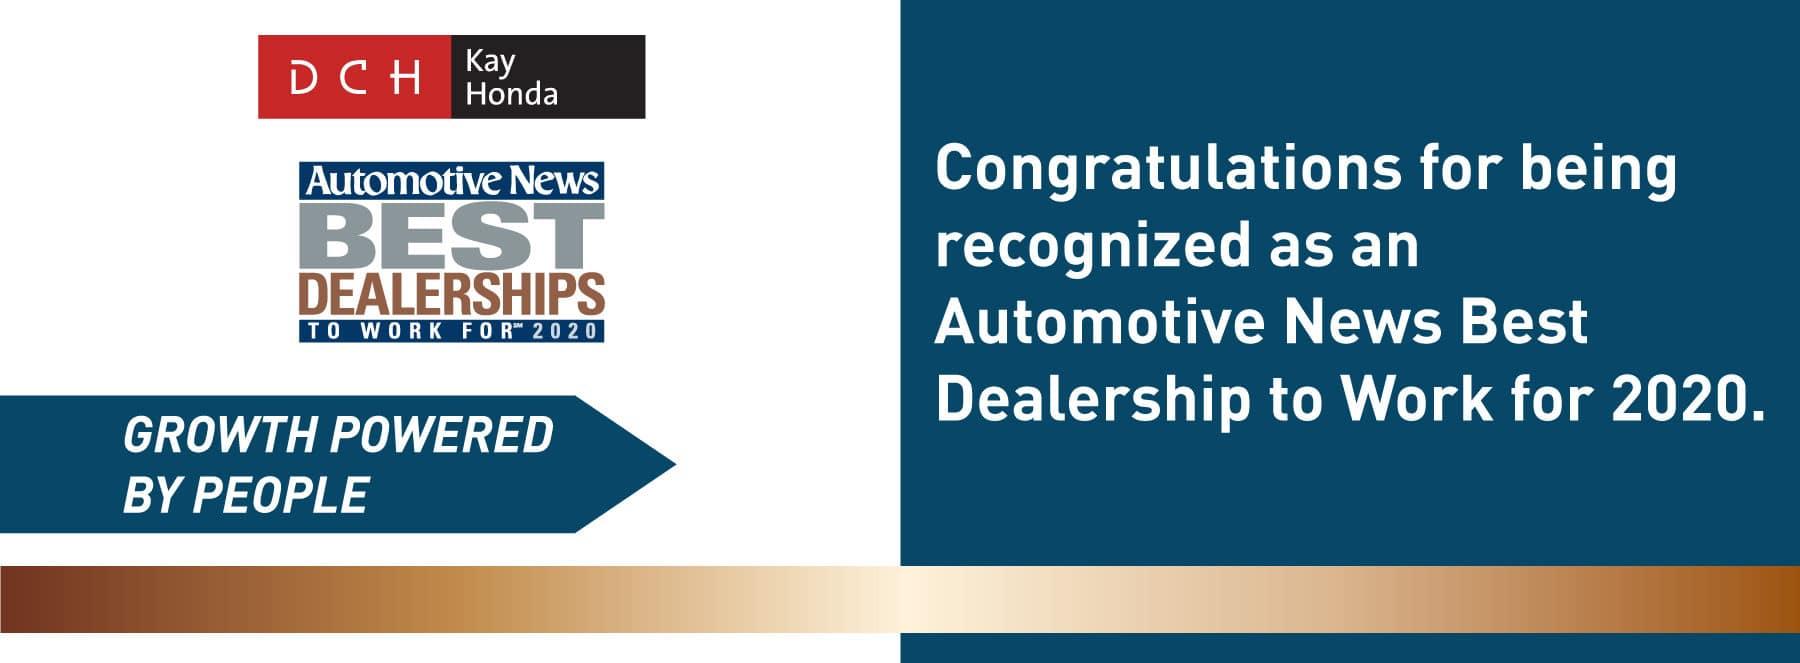 DCH Kay Honda Automotive News Best Dealership